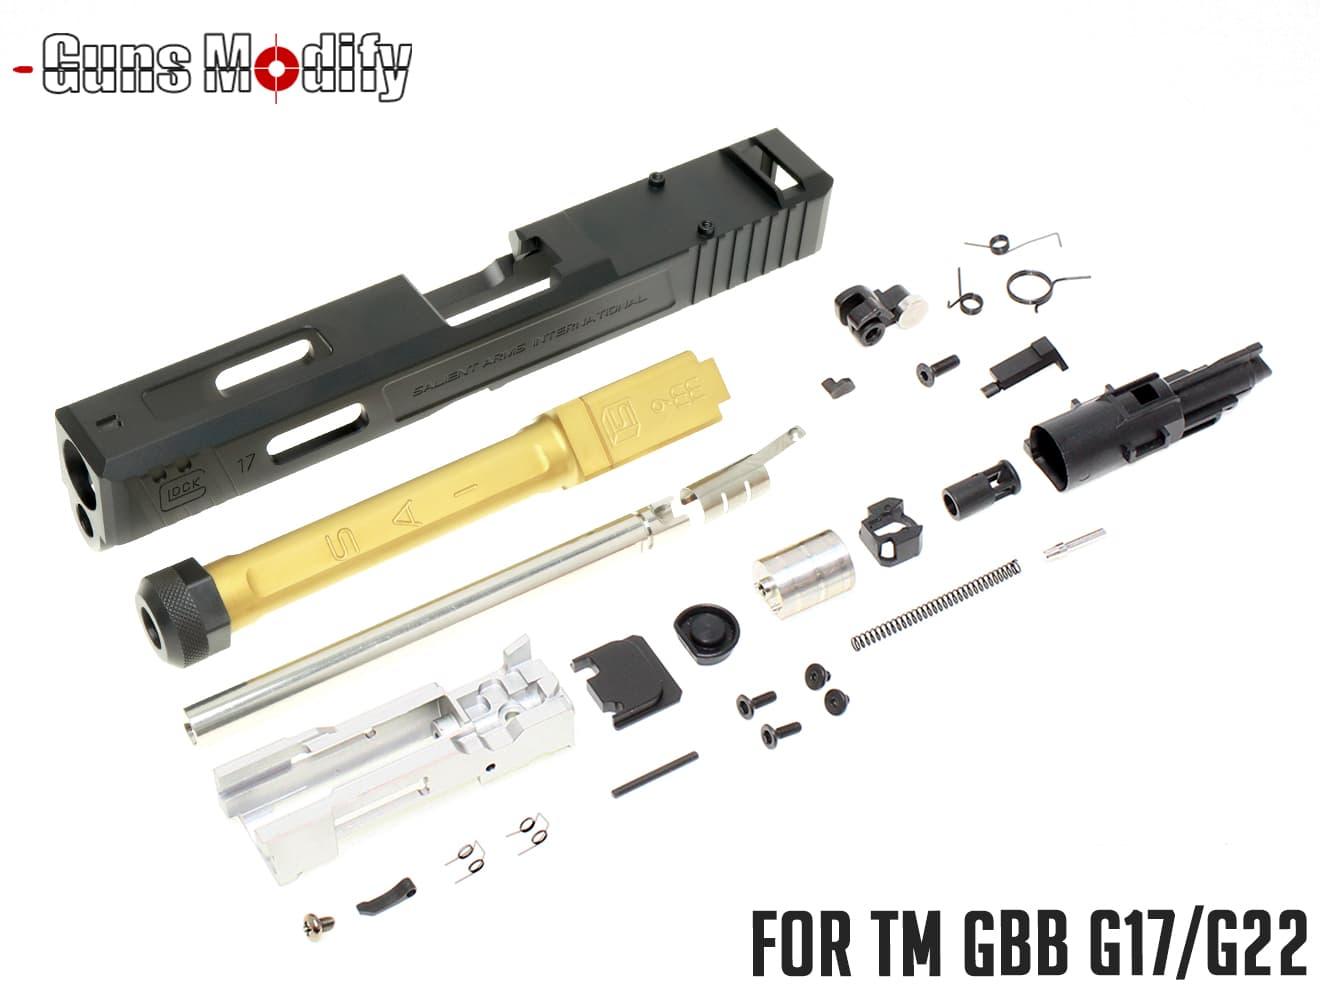 Guns Modify G17/G22 SA CNC Tier 1 RMR アルミスライド&ボックスフルート TiNステンレススレッドアウターバレル w/ ブローバックエンジンフルセット◆マルイ